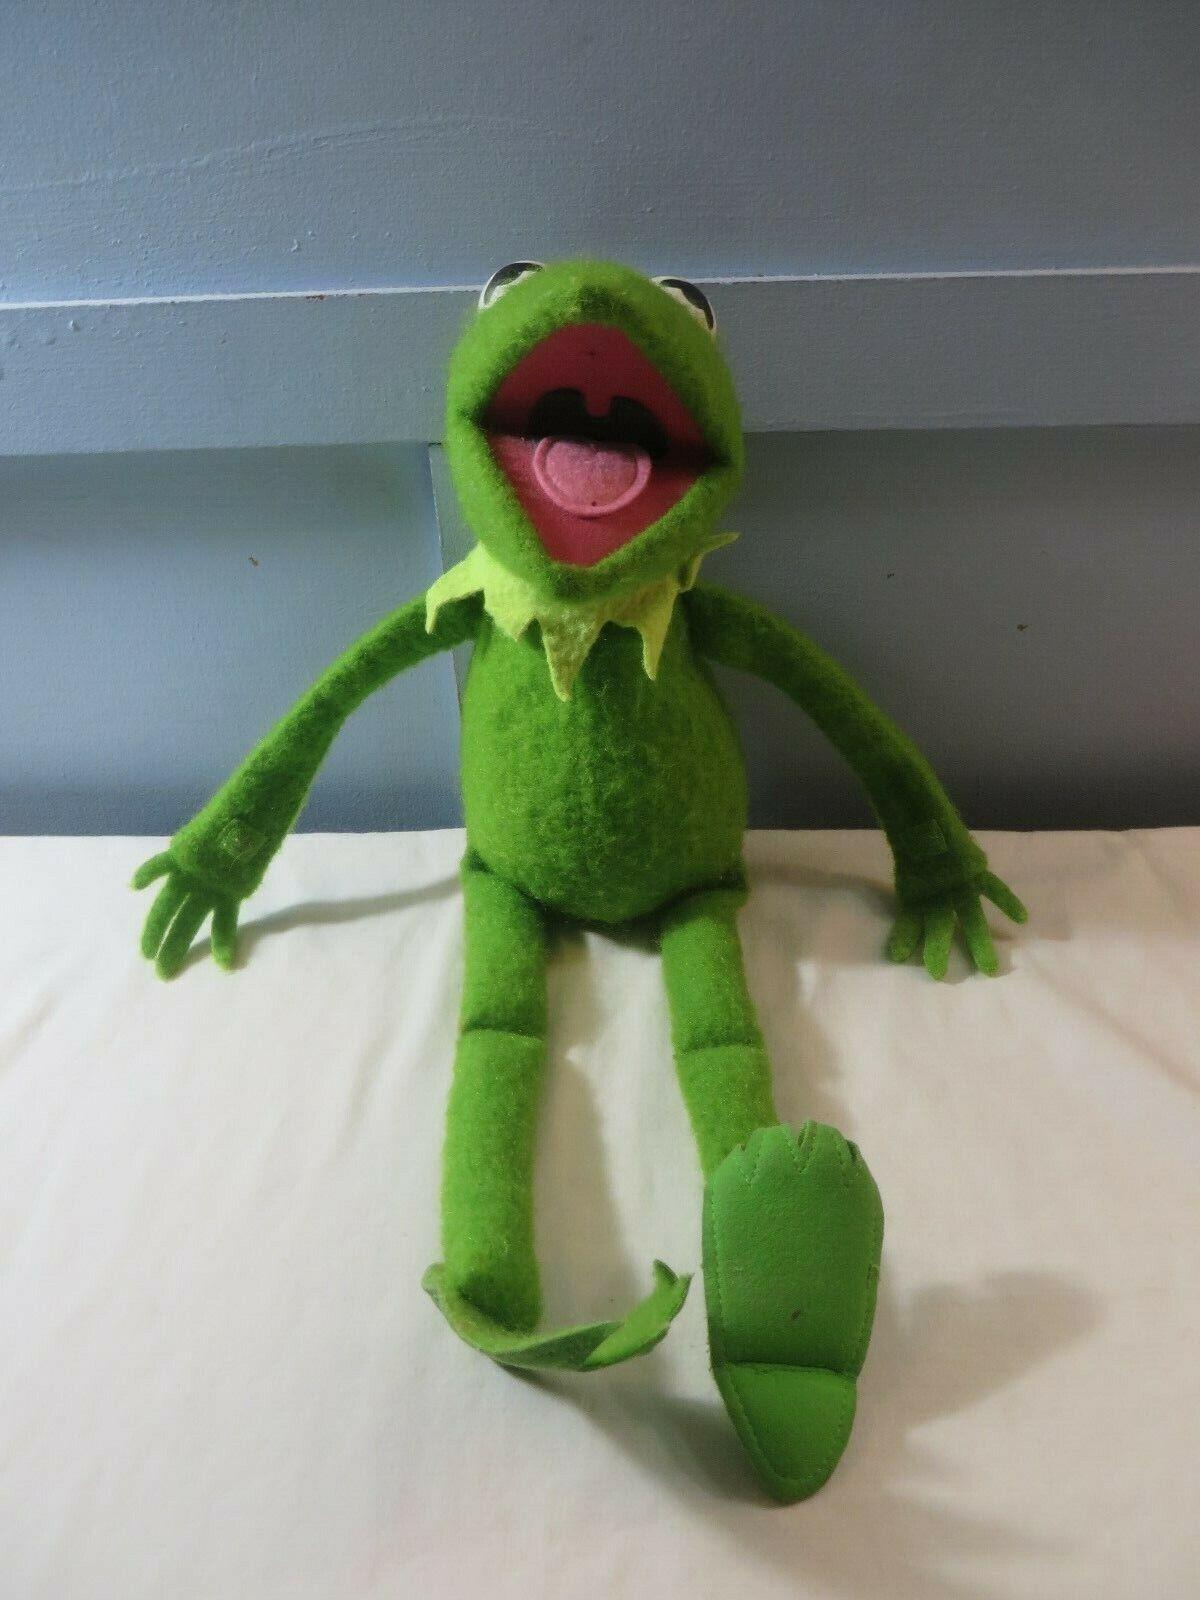 VIntage 1976 Fischer Preis Spielzeugs KERMIT THE FROG Jim Henson Muppet Doll  850